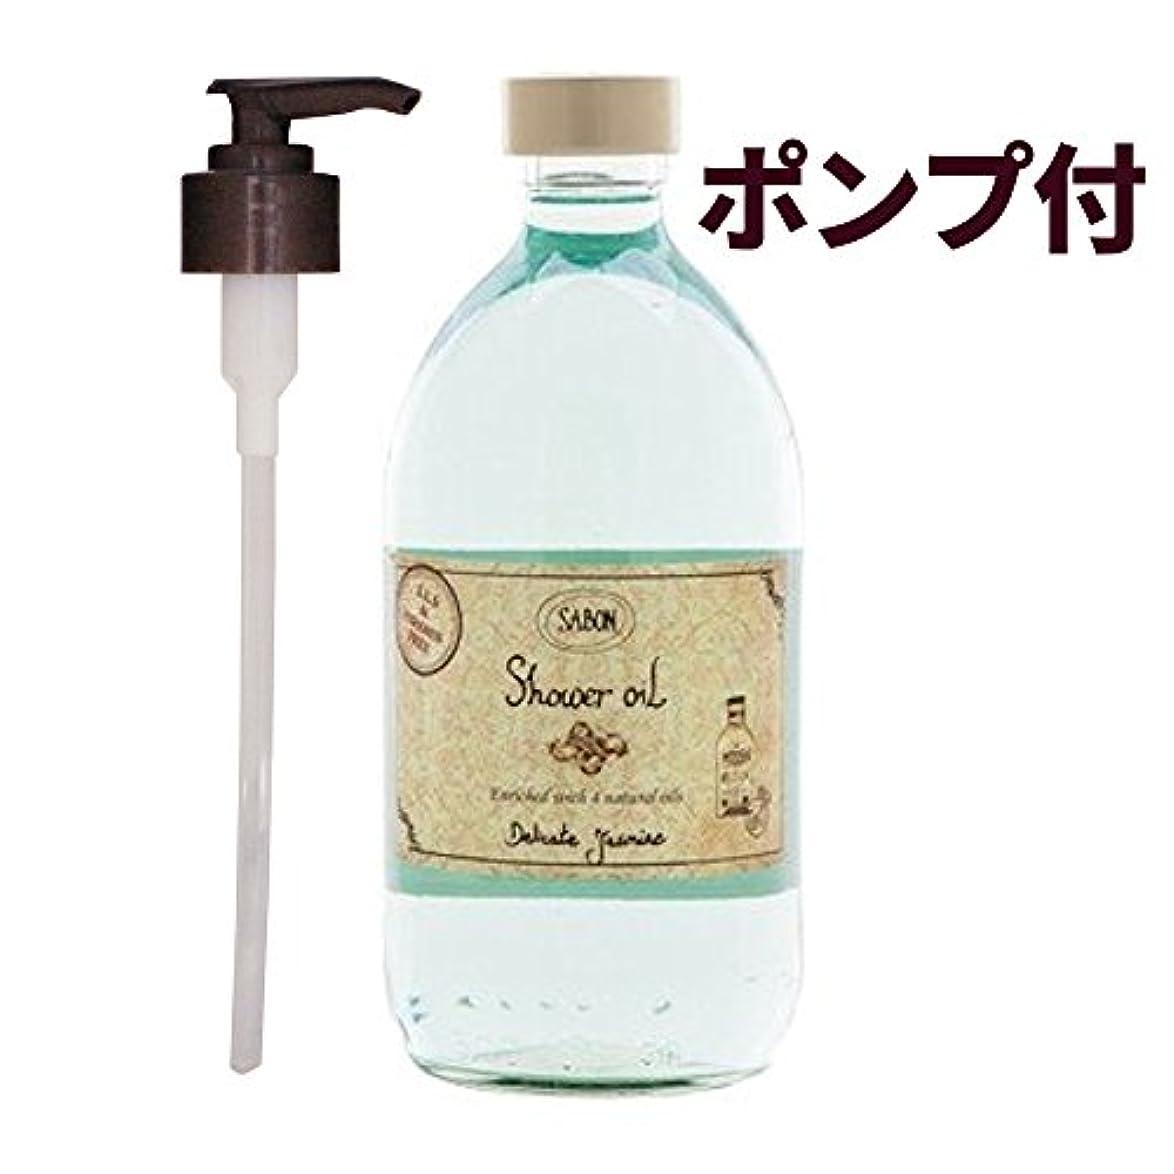 入場料協同セットアップサボン シャワーオイル デリケートジャスミン500ml(並行輸入品)